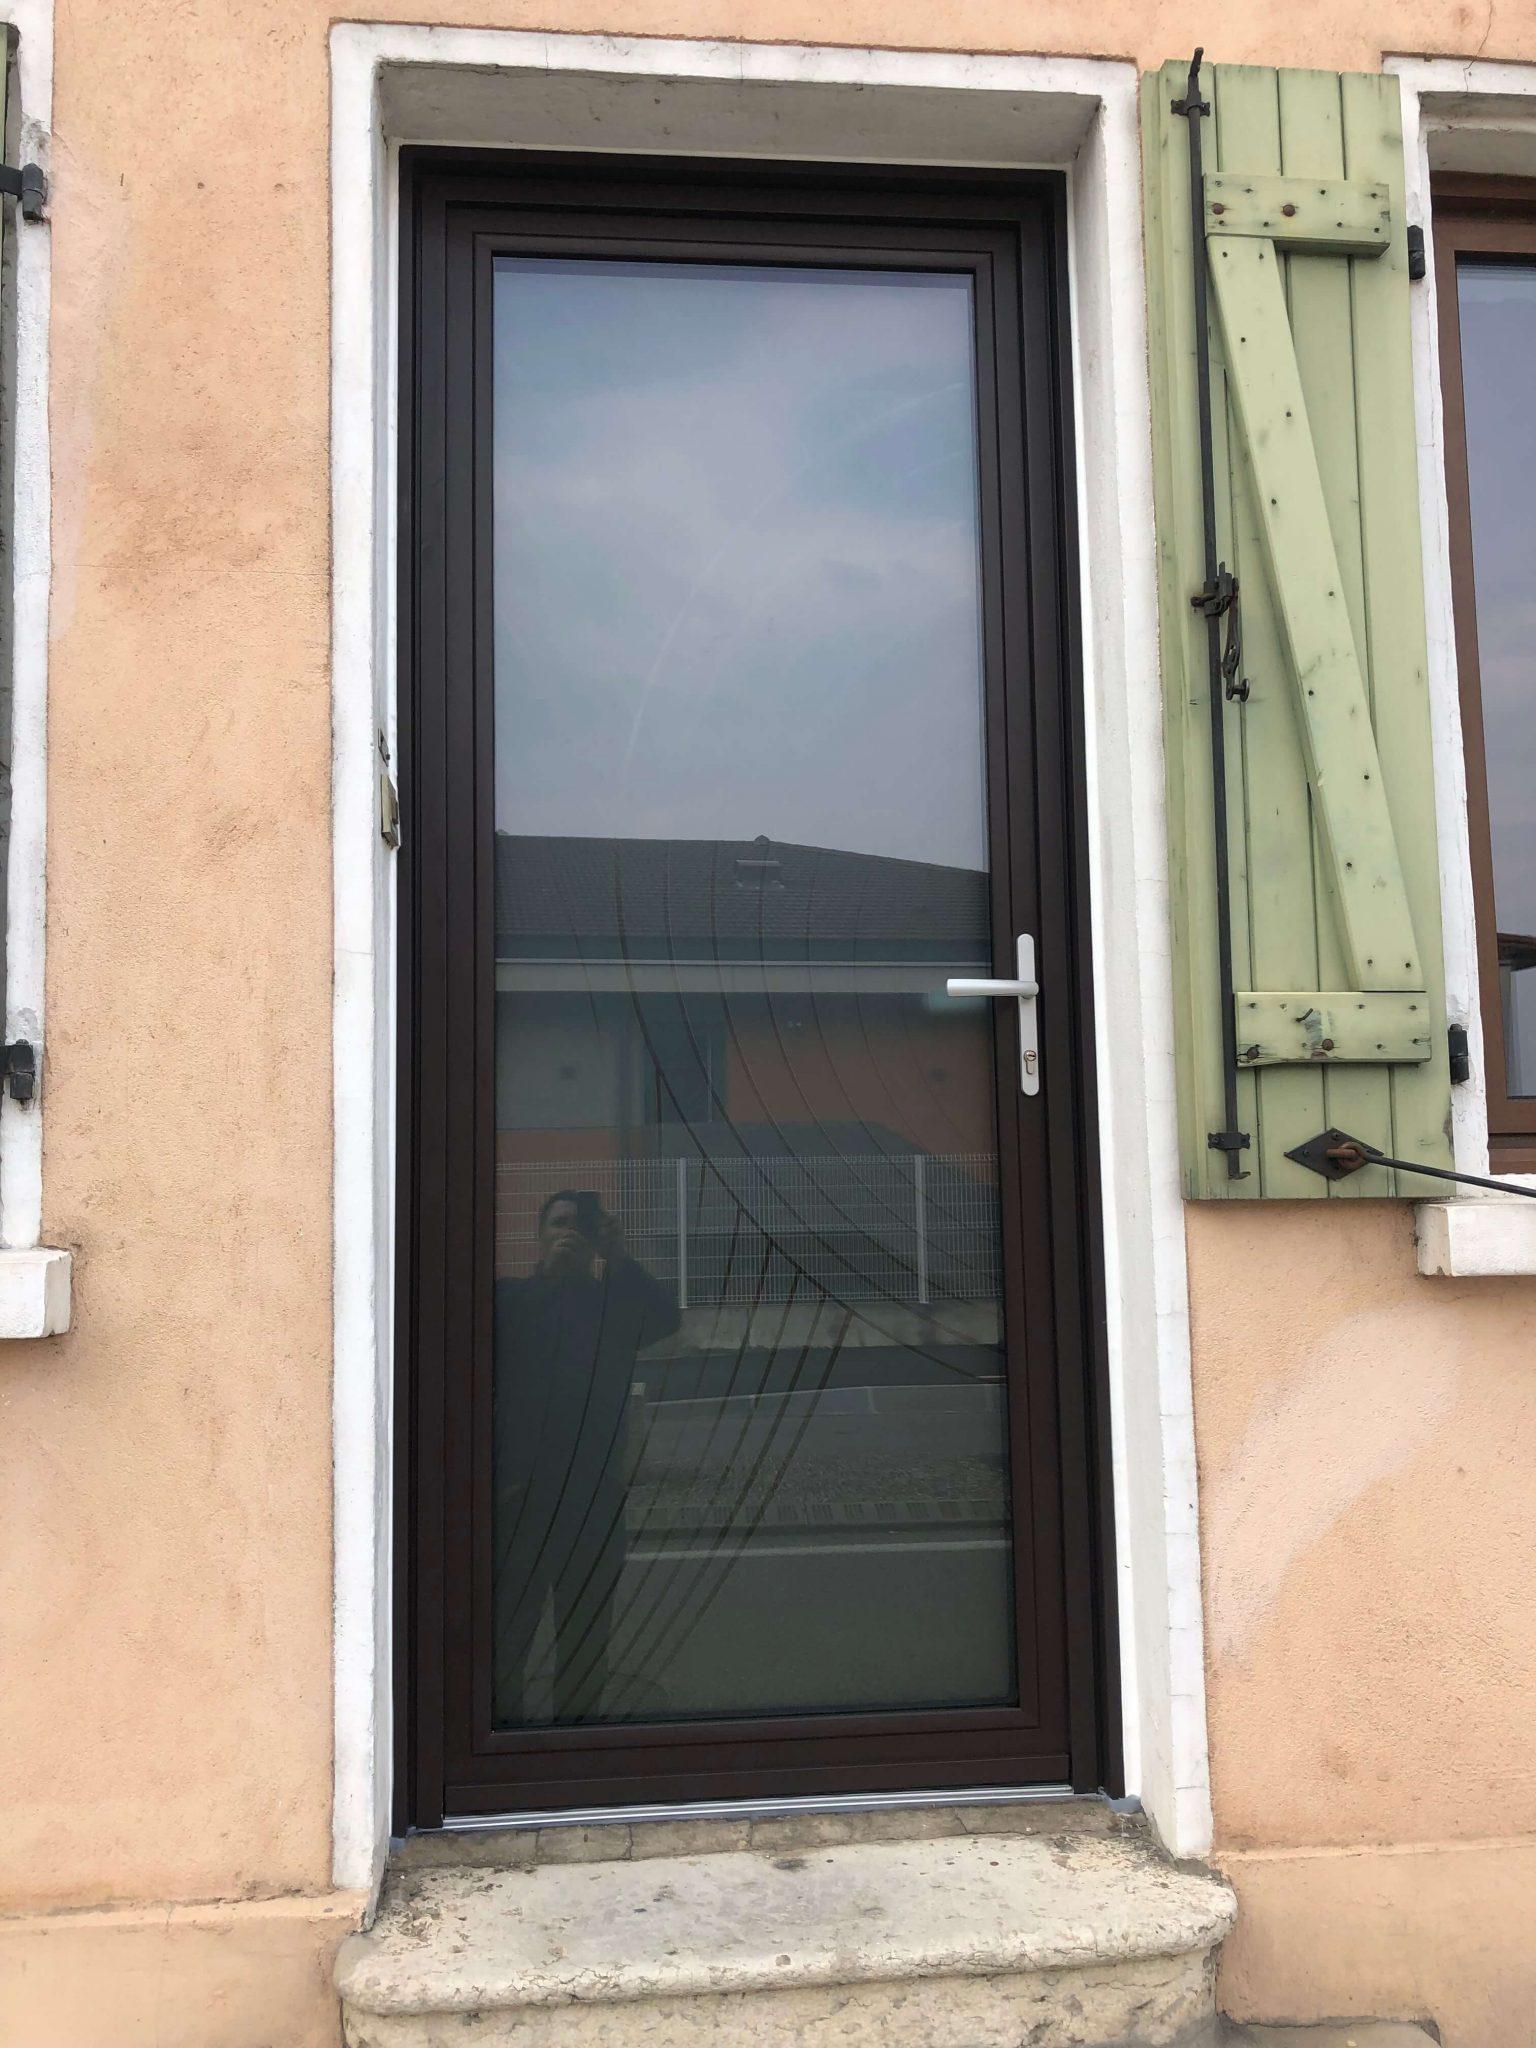 IMG 4697 - Installation d'une porte d'entrée par GCDH